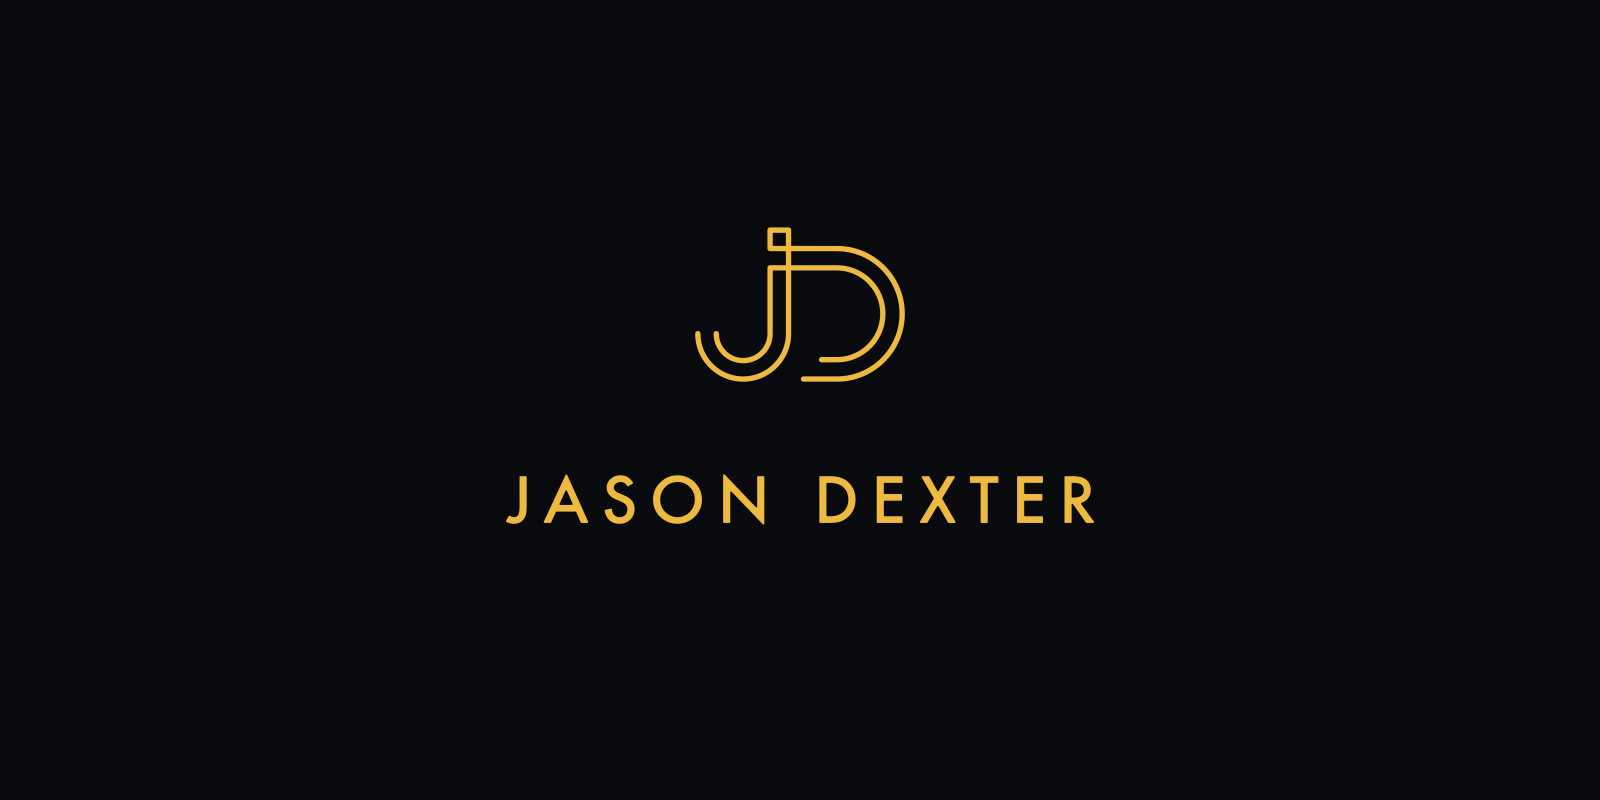 Jason Dexter branding